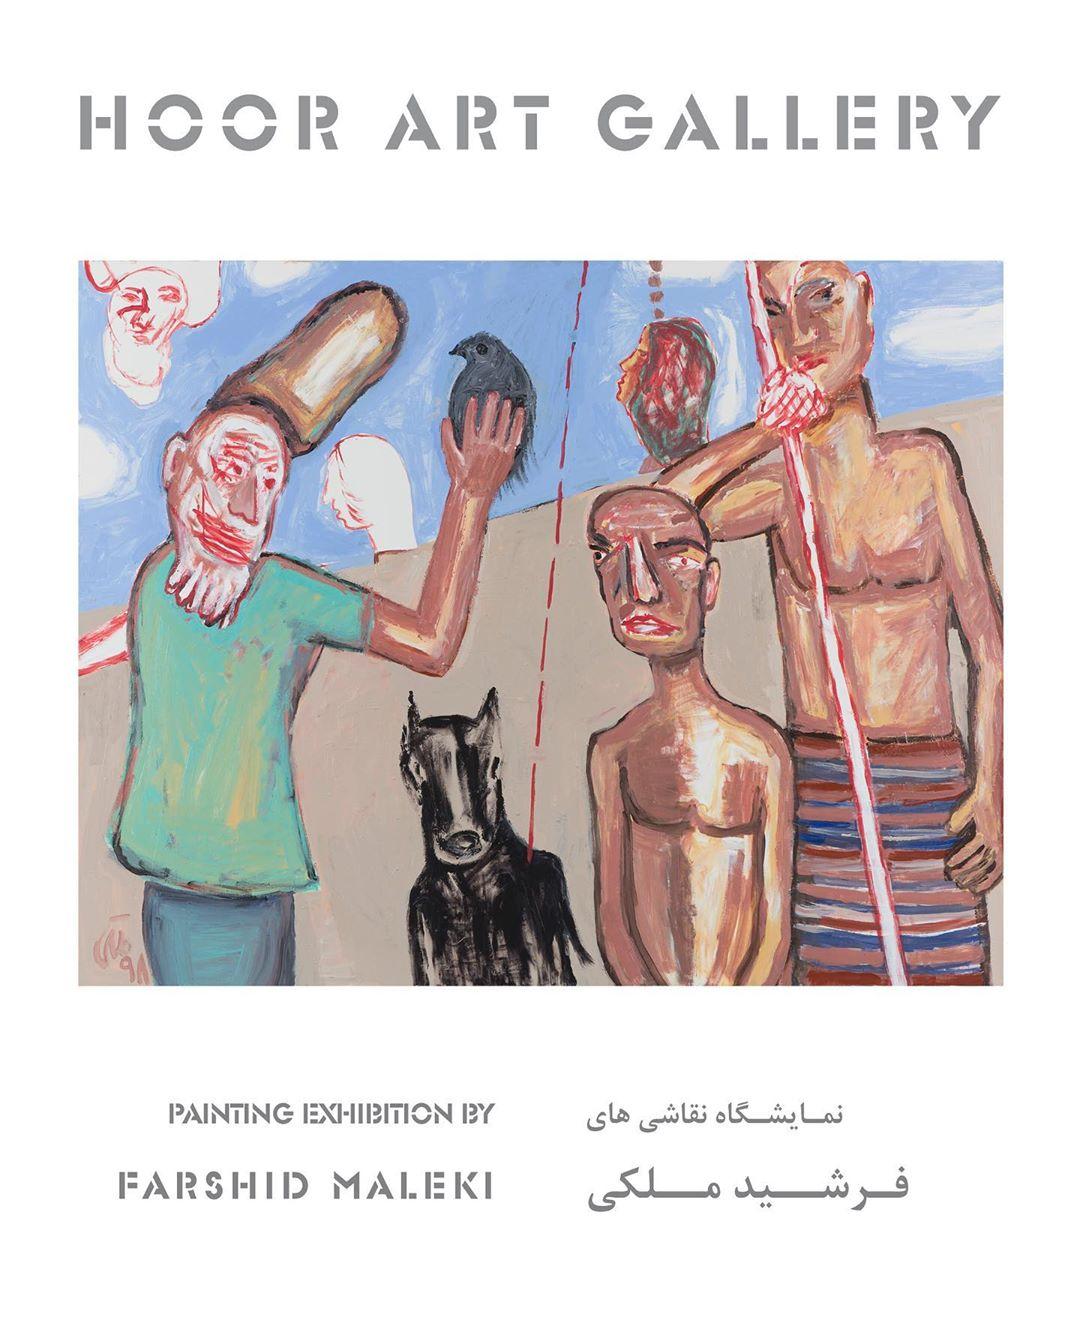 نمایشگاه نقاشی های فرشید ملکی